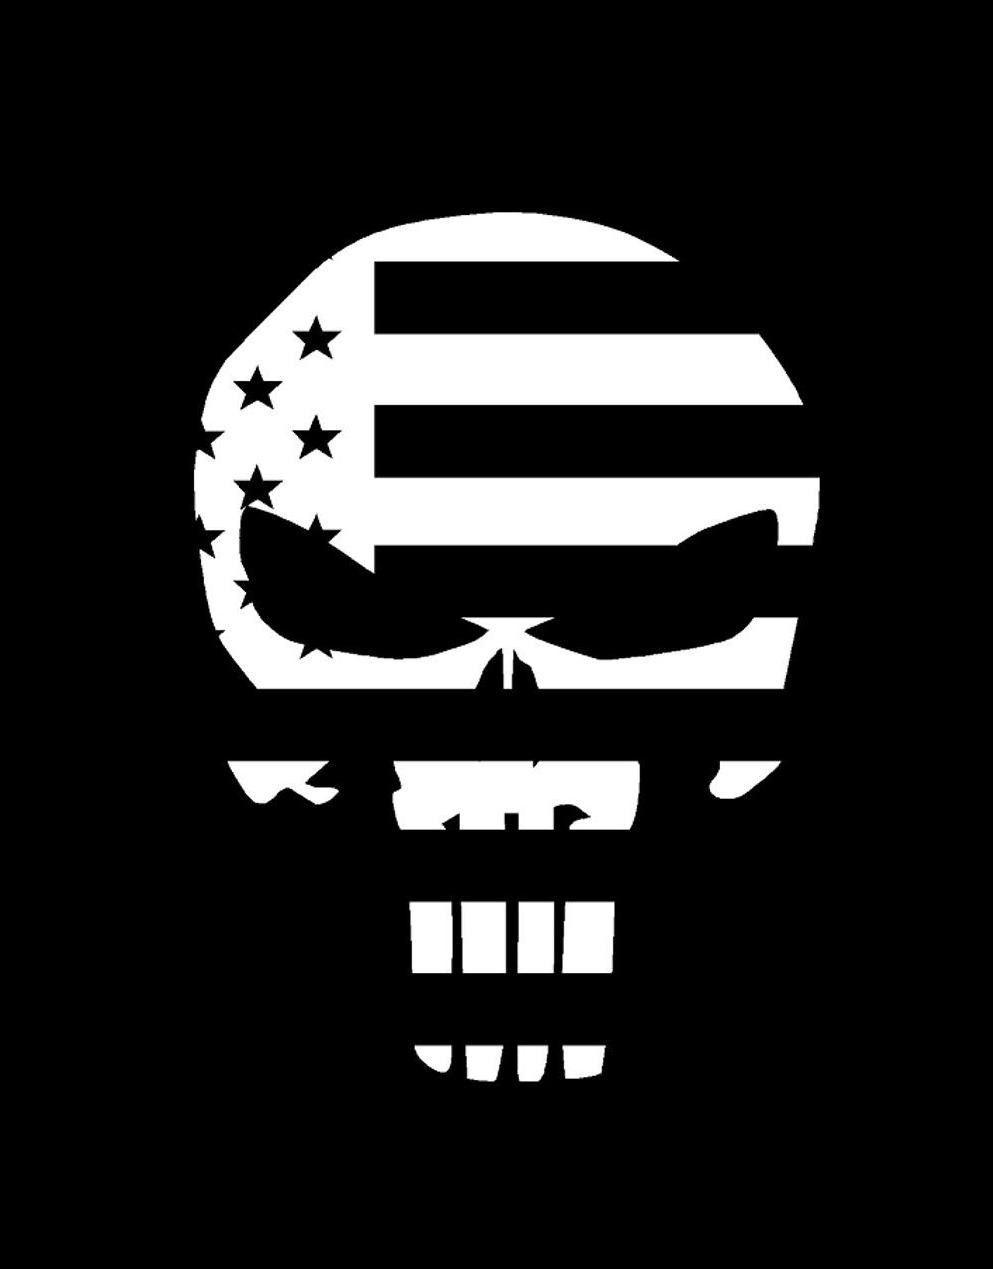 Chris Kyle Punisher Skull Flag Vinyl Decal Punisher Skull - How to make vinyl decals for cars